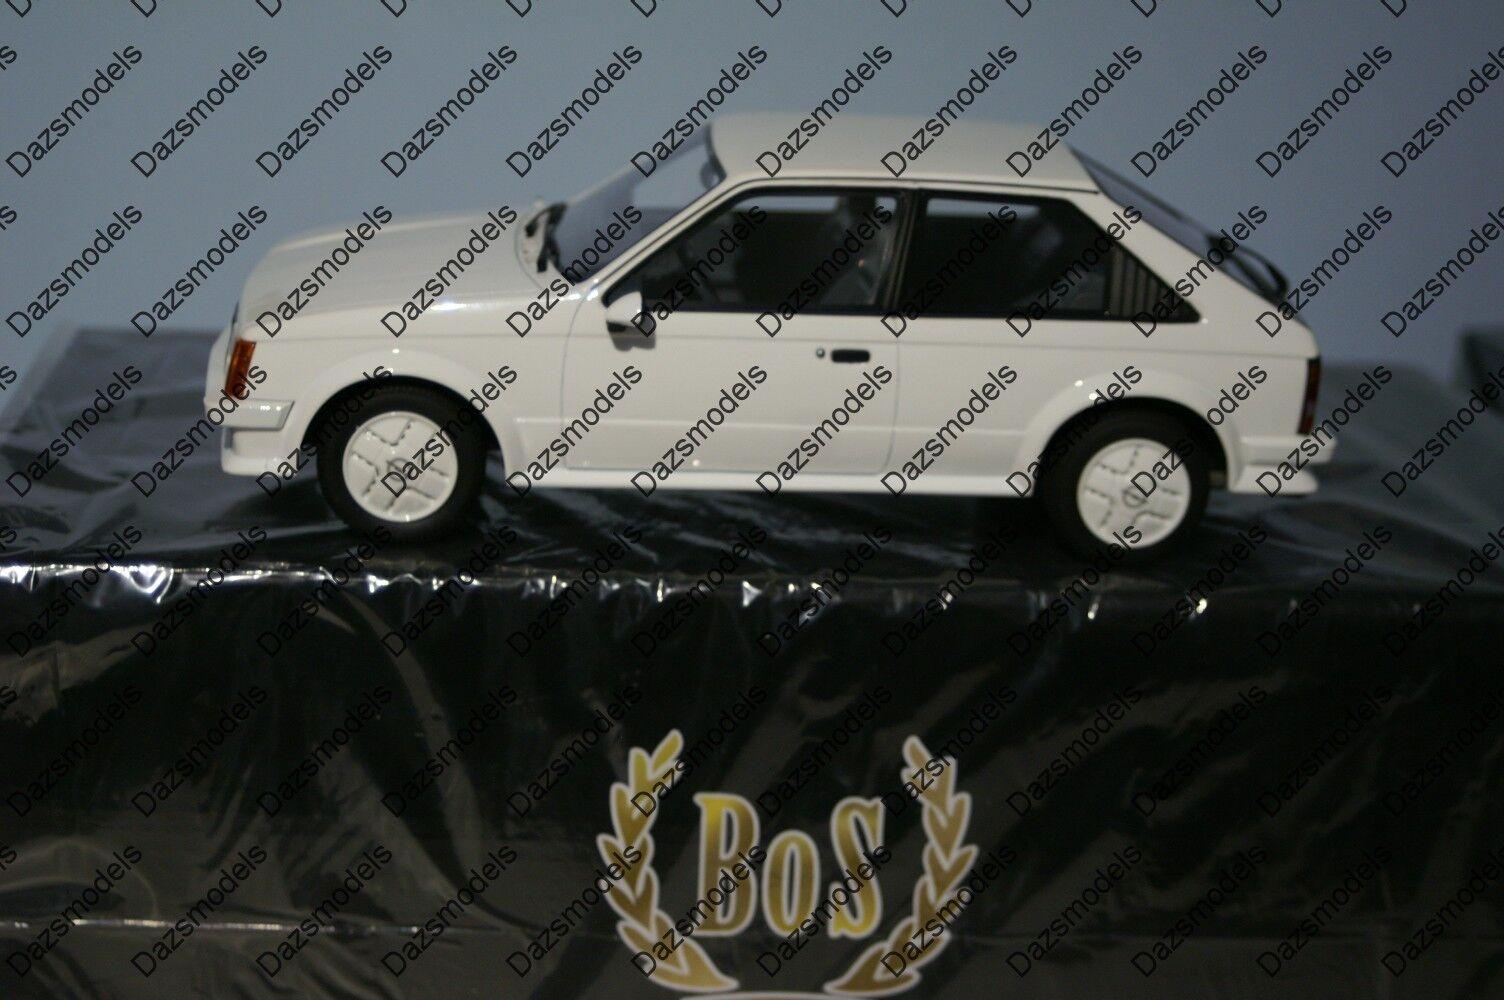 Bos Models Vauxhall Opel Astra Kadett GTE White BOS070 1 18 Resin